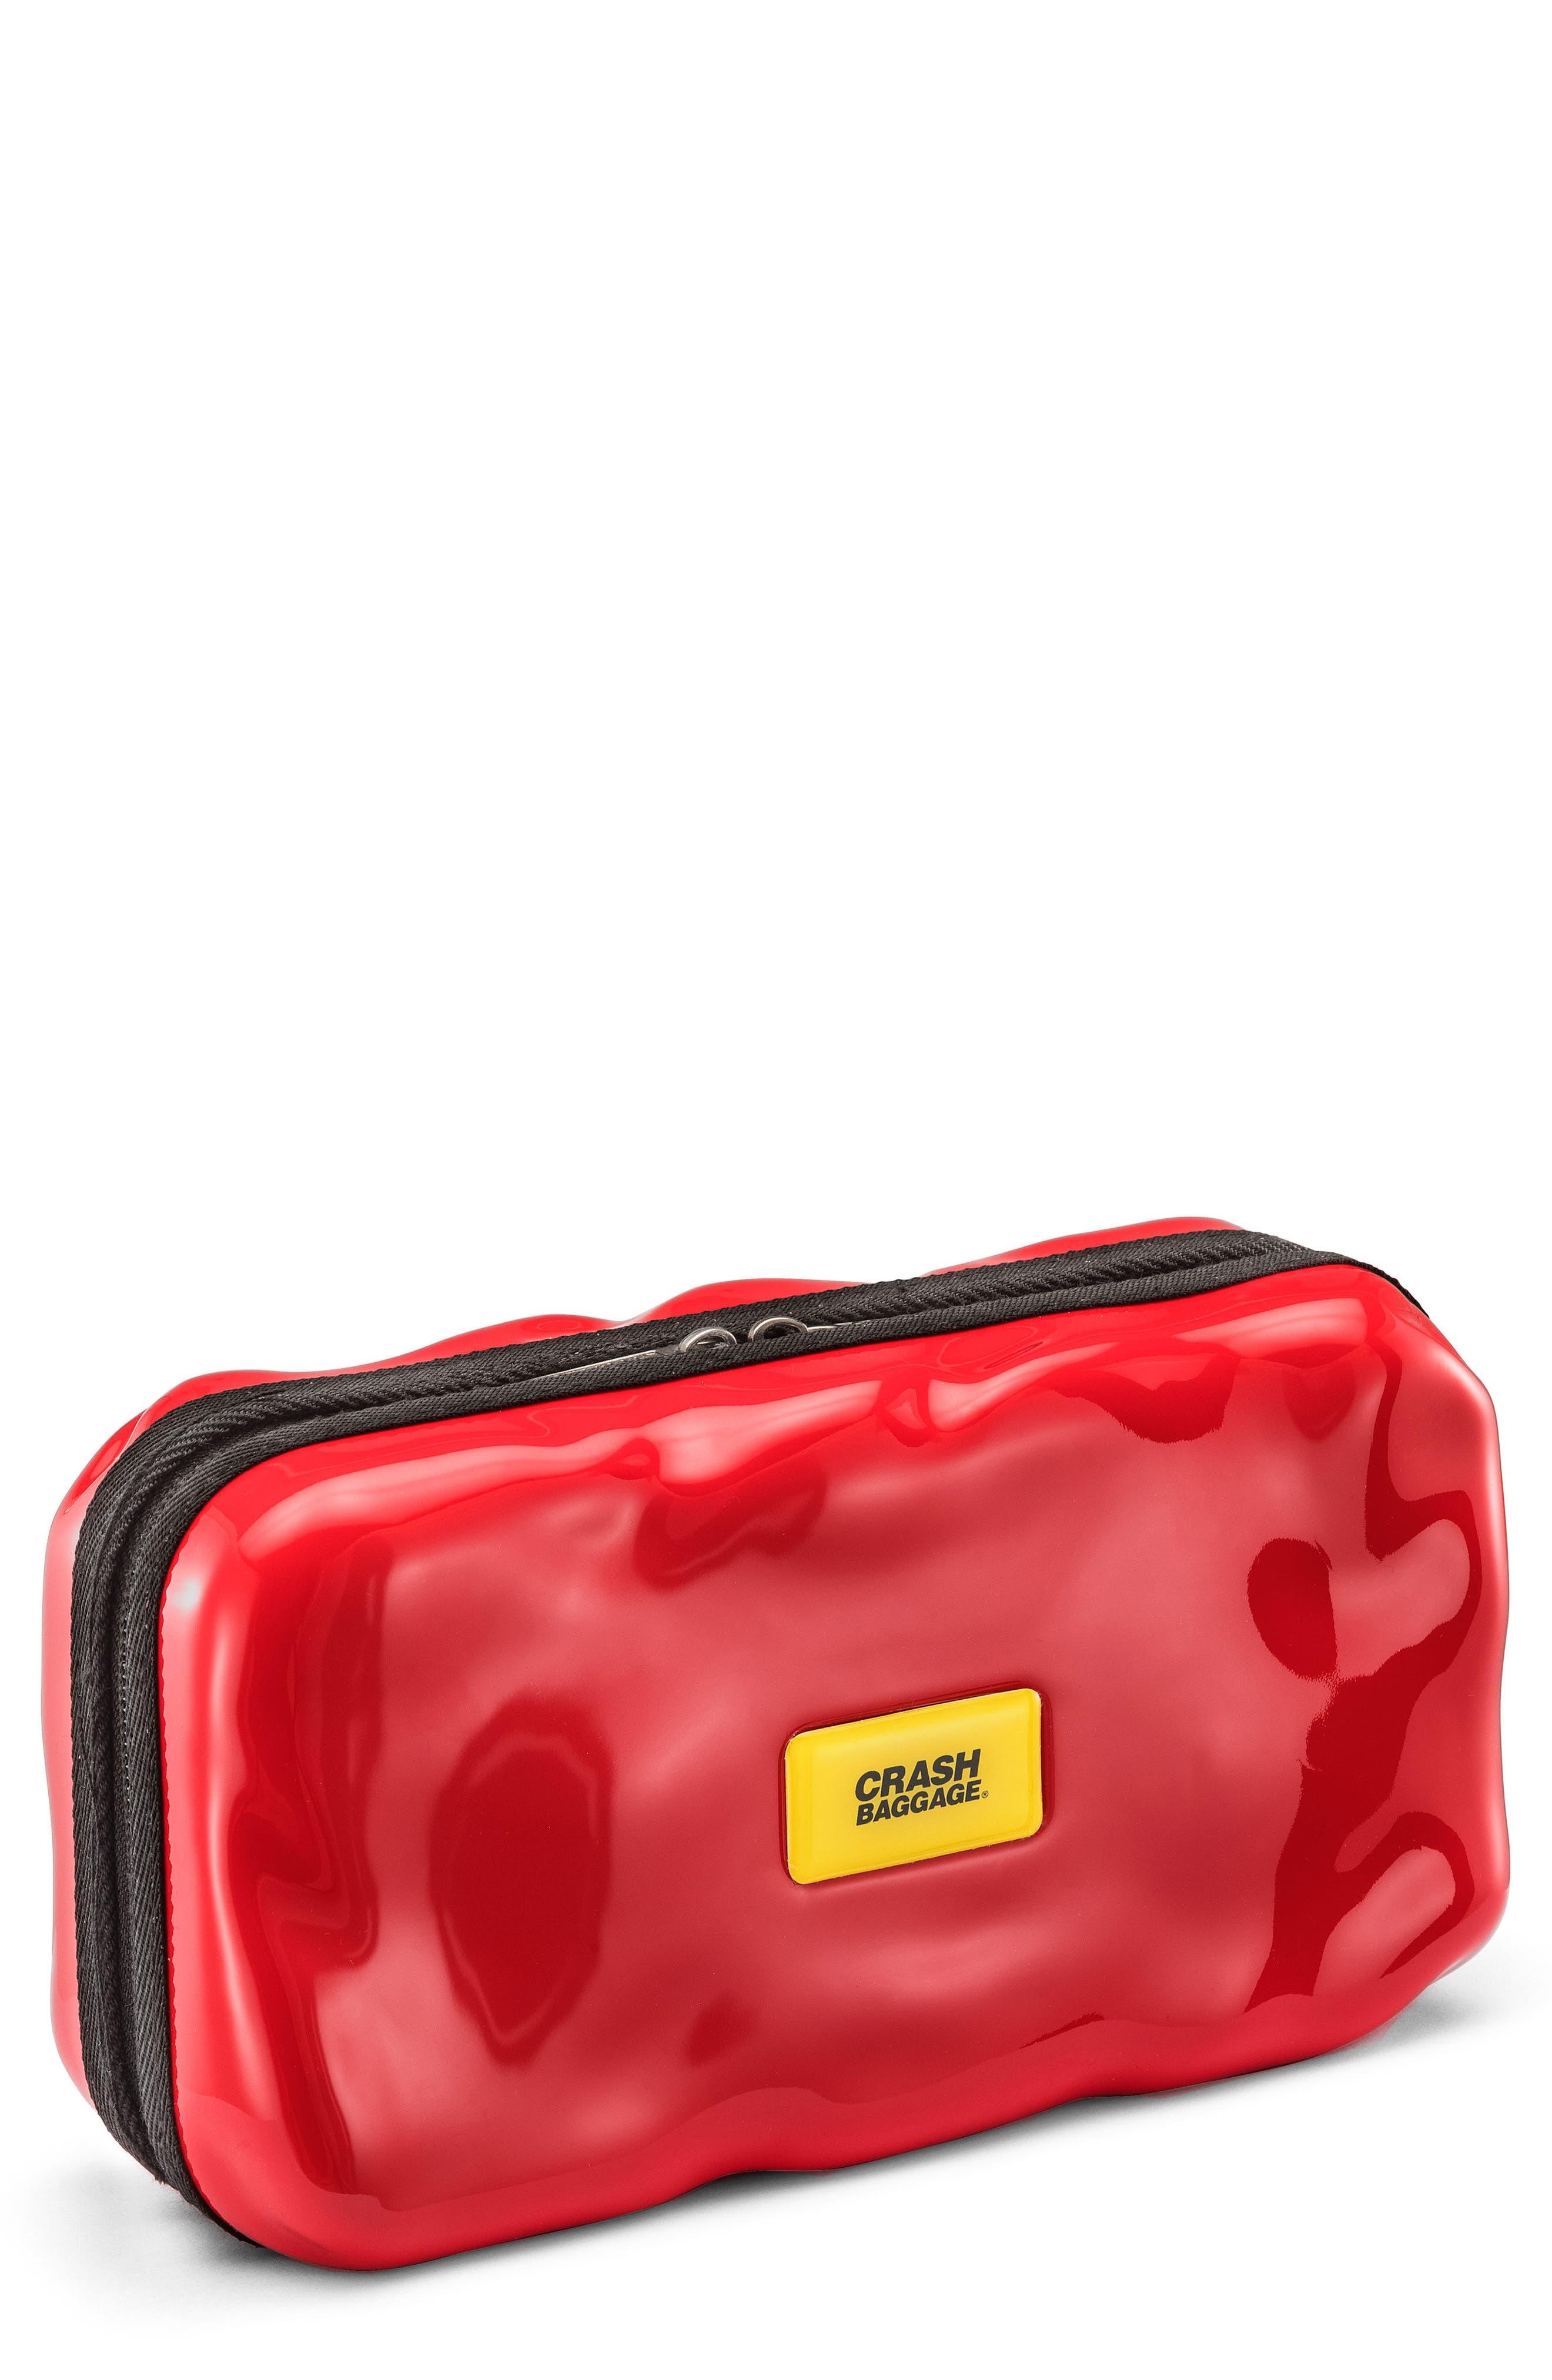 Travel Kit,                             Main thumbnail 1, color,                             Crab Red